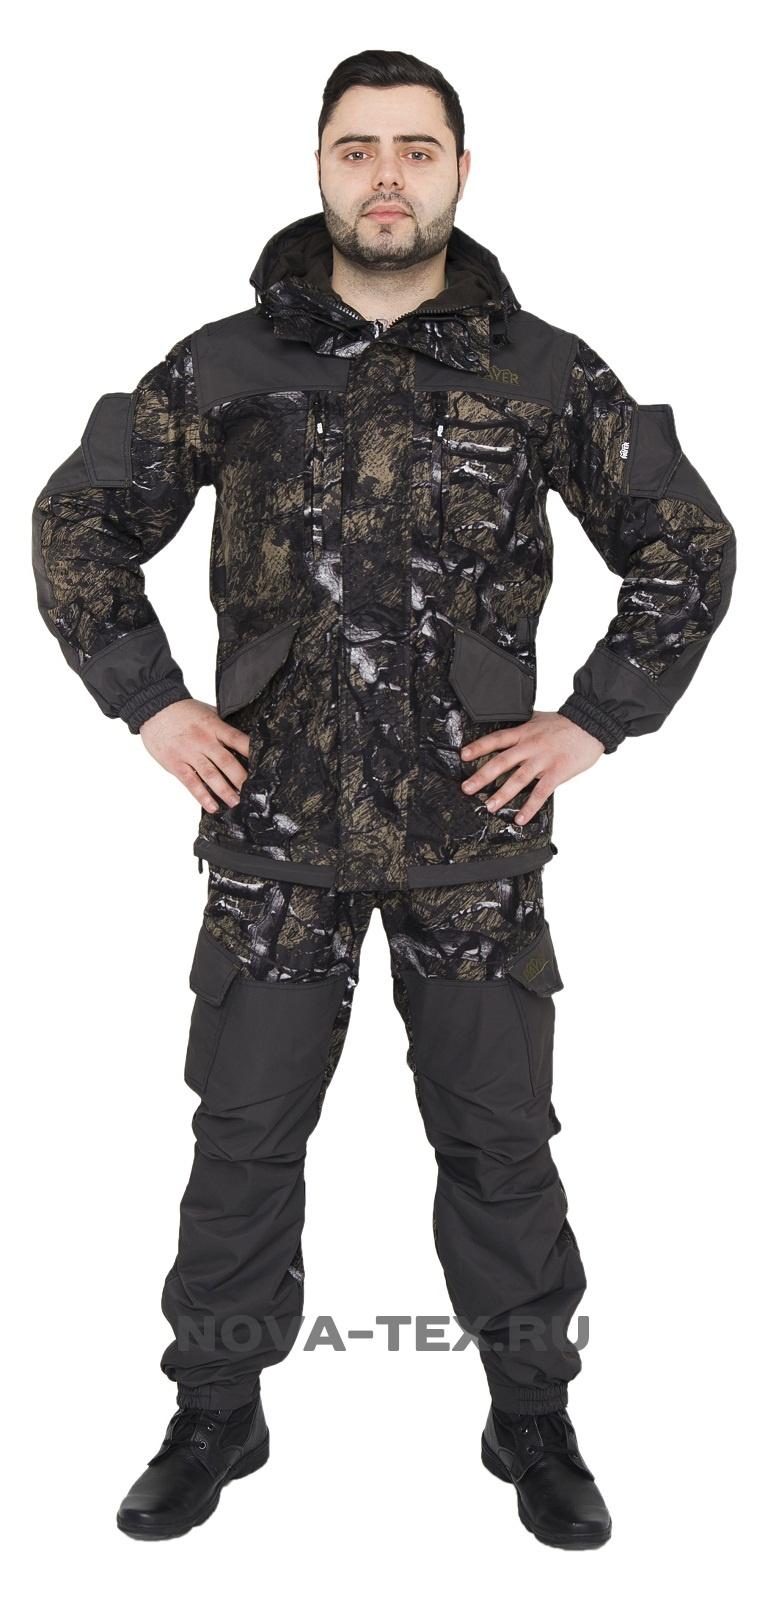 Костюм мужской Горка Осень-Алова (темная Костюмы утепленные<br>Костюм «Горка Осень» ( ТМ «Payer») - разработан <br>в компании Novatex на основе легендарного костюма <br>«Горка», используемого в спецподразделениях, <br>а также огромным числом любителей всевозможного <br>экстрима. Костюм «Горка Осень» состоит <br>из куртки и брюк на подтяжках. Отличается <br>специальным анатомическим кроем, характерным <br>для данной линии одежды. Он не стесняет <br>движений, дает свободу перемещения в условиях <br>пересеченной местности. Верхний слой изготовлен <br>из современной ткани «Дуплекс», обладающей <br>отличными ветрозащитными свойствами, подкладка <br>из мягкого гипоаллергенного флиса обеспечивает <br>комфорт и тепло. Места повышенного износа <br>имеют дополнительное усиление мембранной <br>тканью «кошачий глаз», которая не пропускает <br>влагу снаружи, отводит ее изнутри и обладает <br>повышенной износостойкостью. Рекомендован <br>для военных, охотников, рыбаков, туристов, <br>любителей военно-спортивных игр, представителей <br>силовых структур. Особенности модели: -ветрозащитная <br>ткань -двойная ветрозащитная планка -анатомический <br>крой -двухзамк<br><br>Пол: мужской<br>Размер: 56-58<br>Рост: 182-188<br>Сезон: демисезонный<br>Цвет: коричневый<br>Материал: мембрана